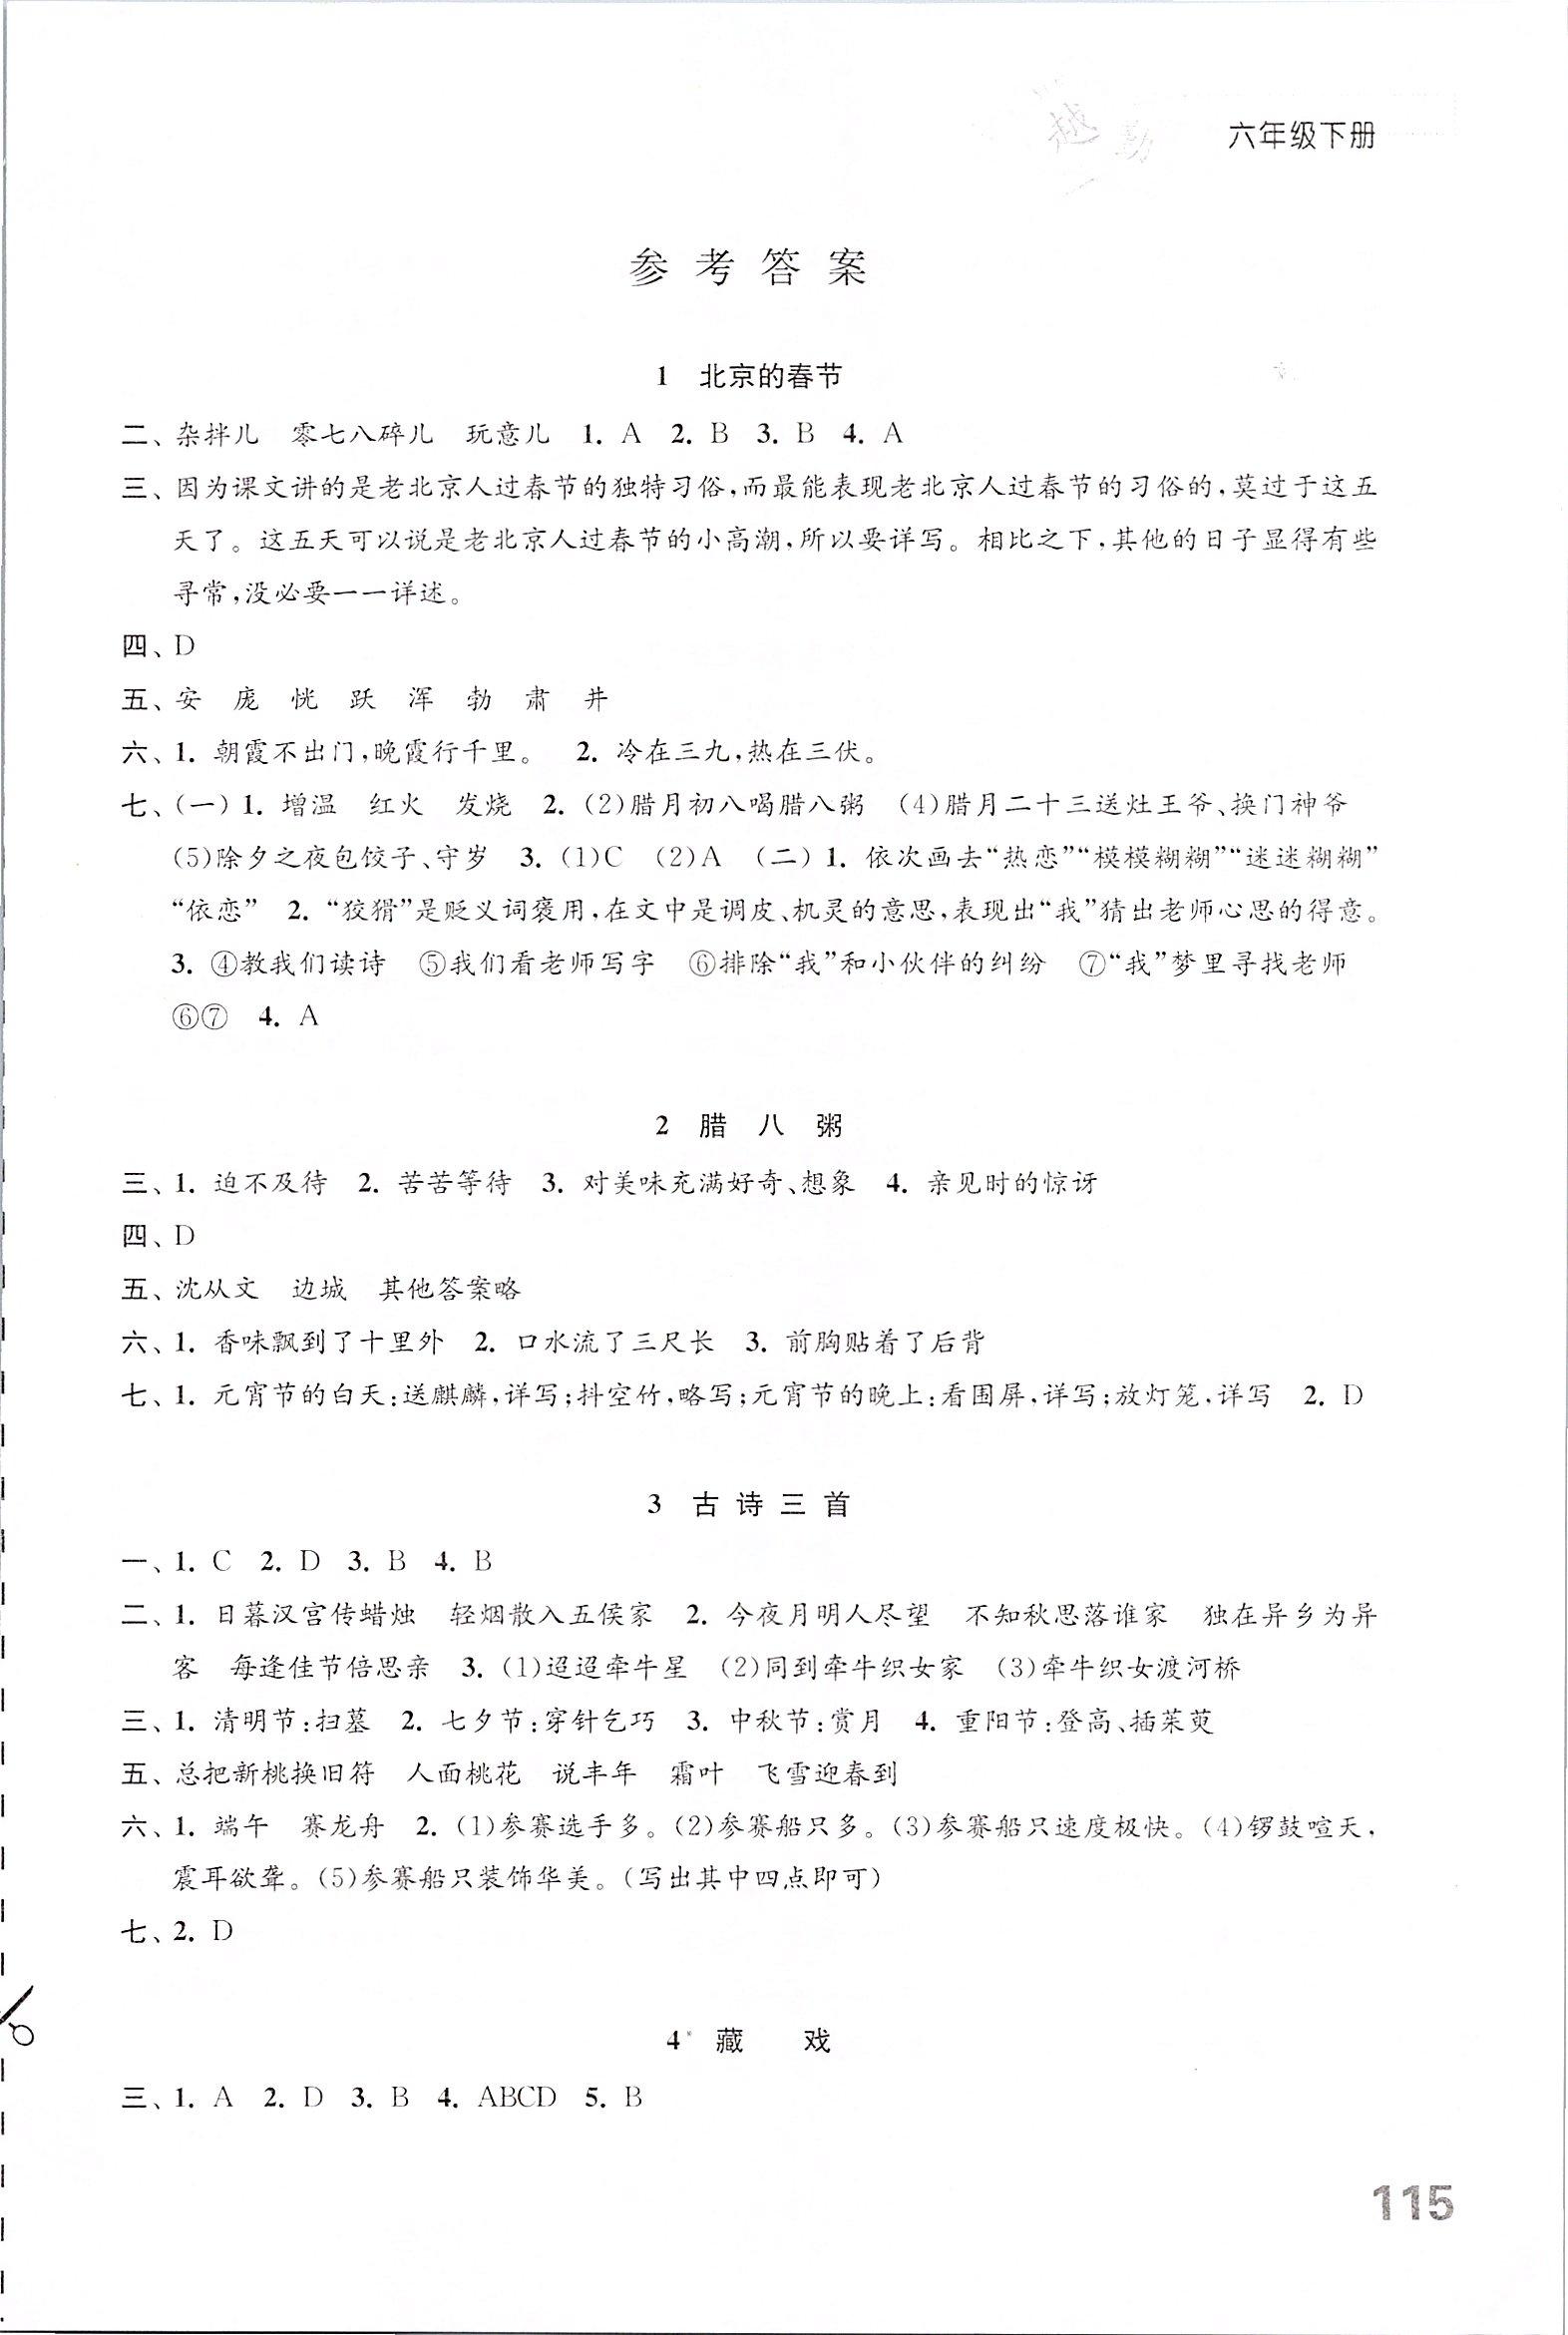 2020年练习与测试小学语文六年级下册人教版第1页